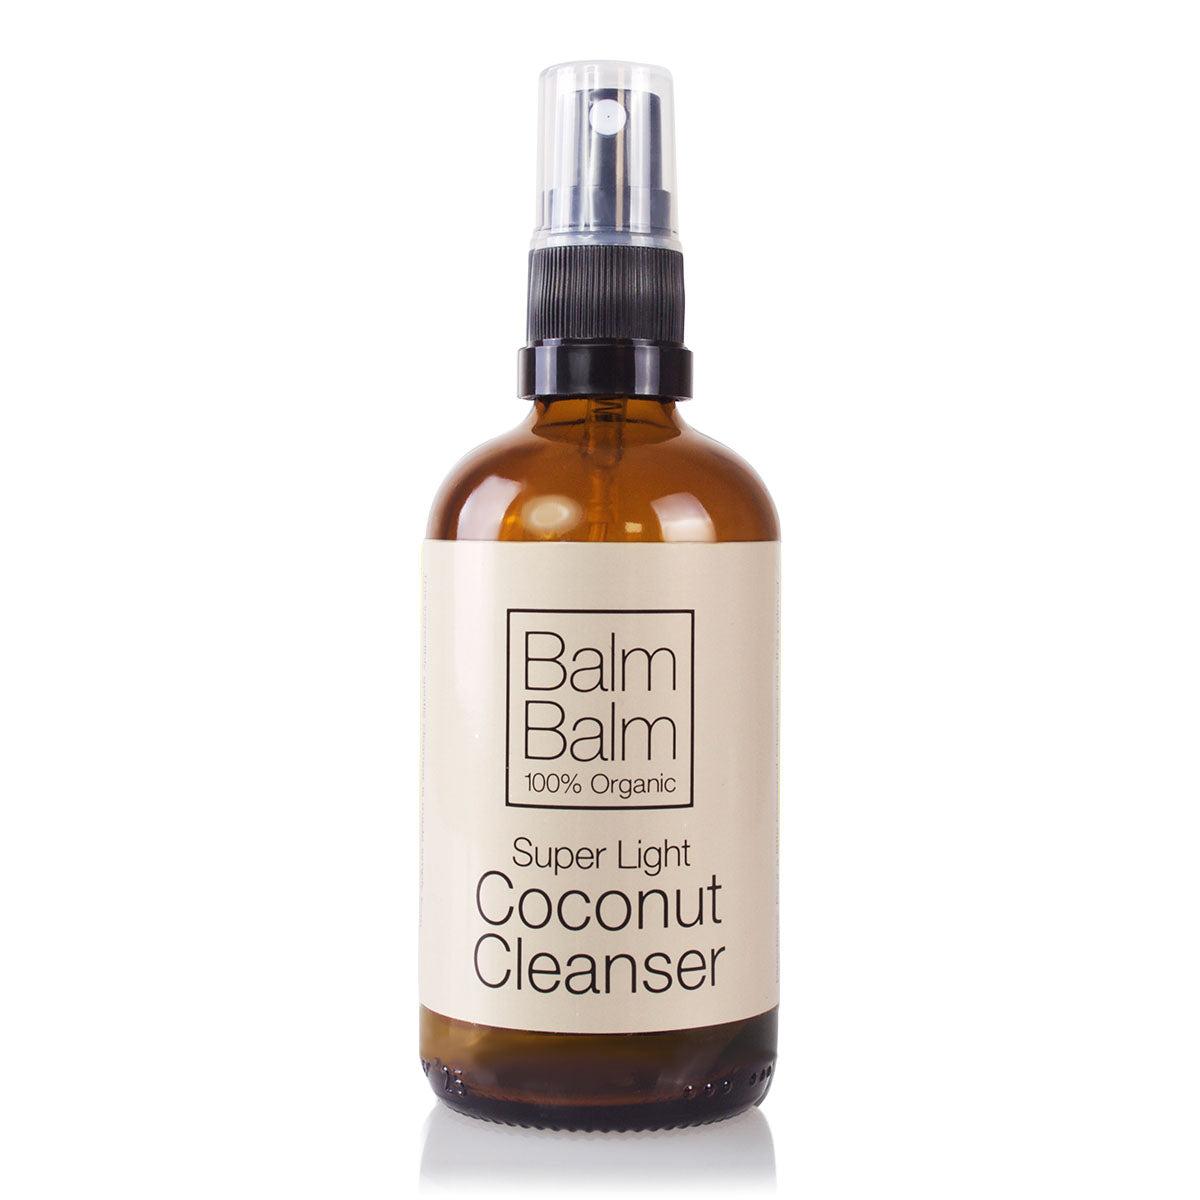 Balm balm Démaquillant à l'huile de coco